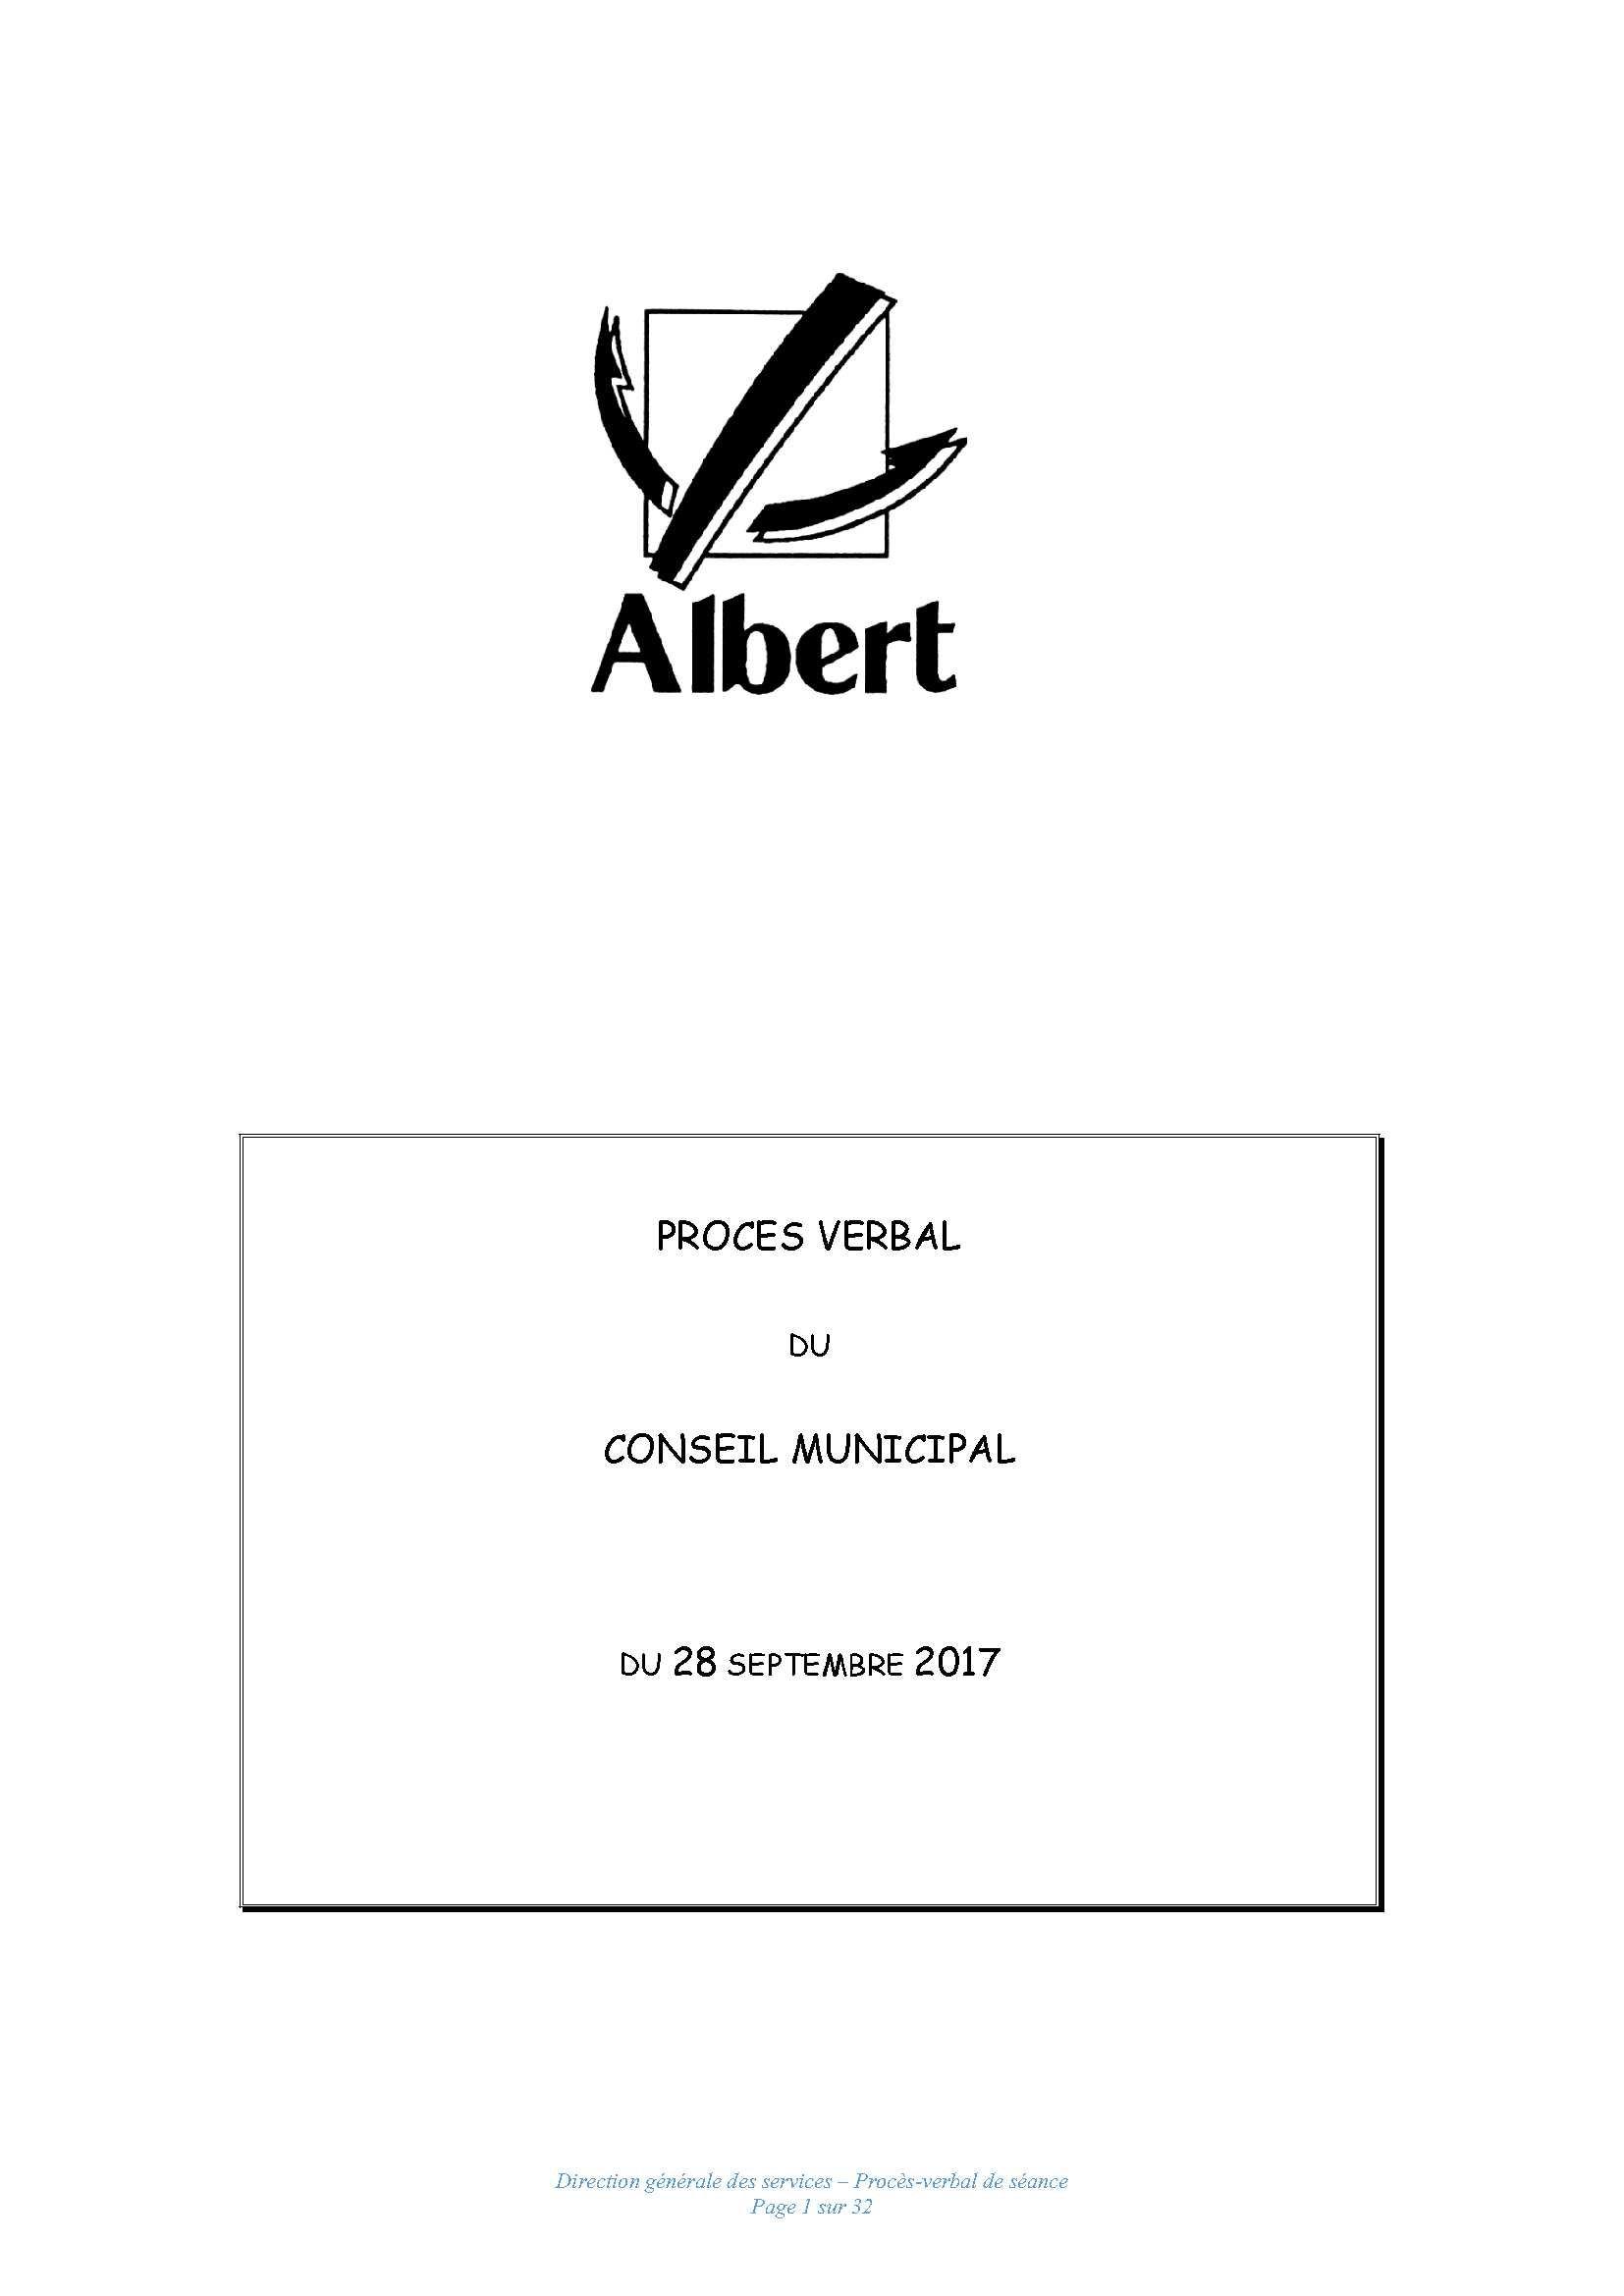 PROCES VERBAL DU CONSEIL MUNICIPAL DU 28 SEPTEMBRE 2017